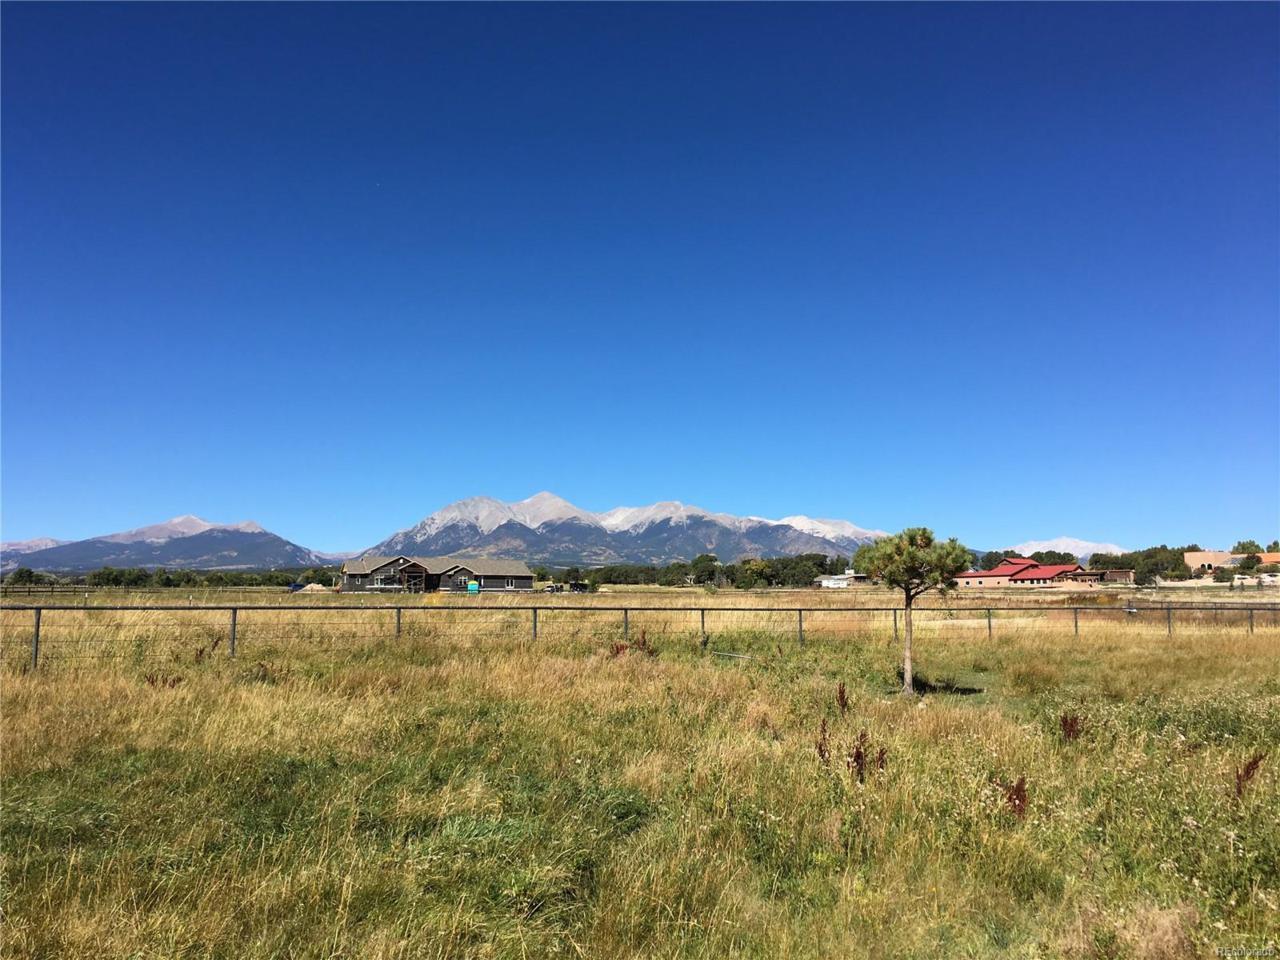 8377 Mountain View Farms Lane, Salida, CO 81201 (MLS #4965667) :: 8z Real Estate